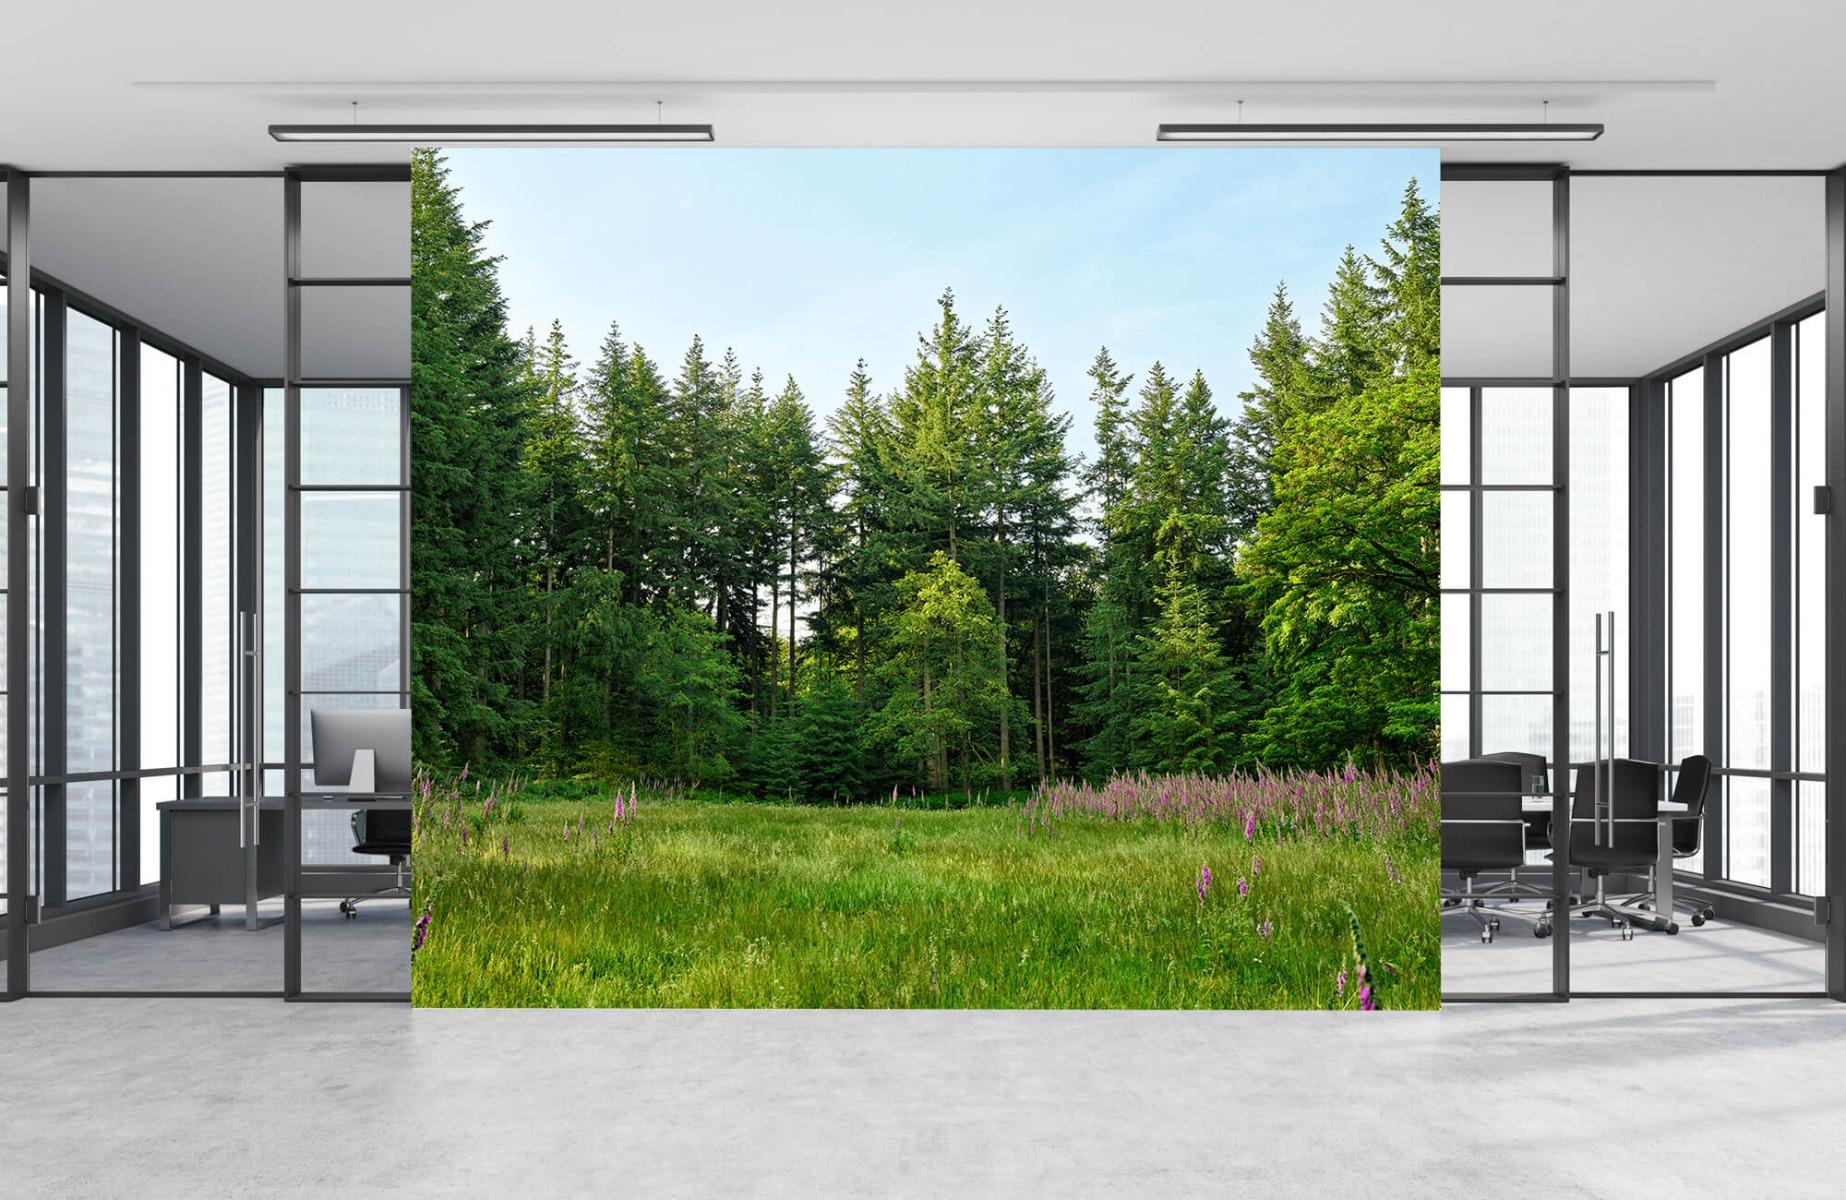 Bos behang - Open plek in het bos - Wallexclusive - Slaapkamer 11